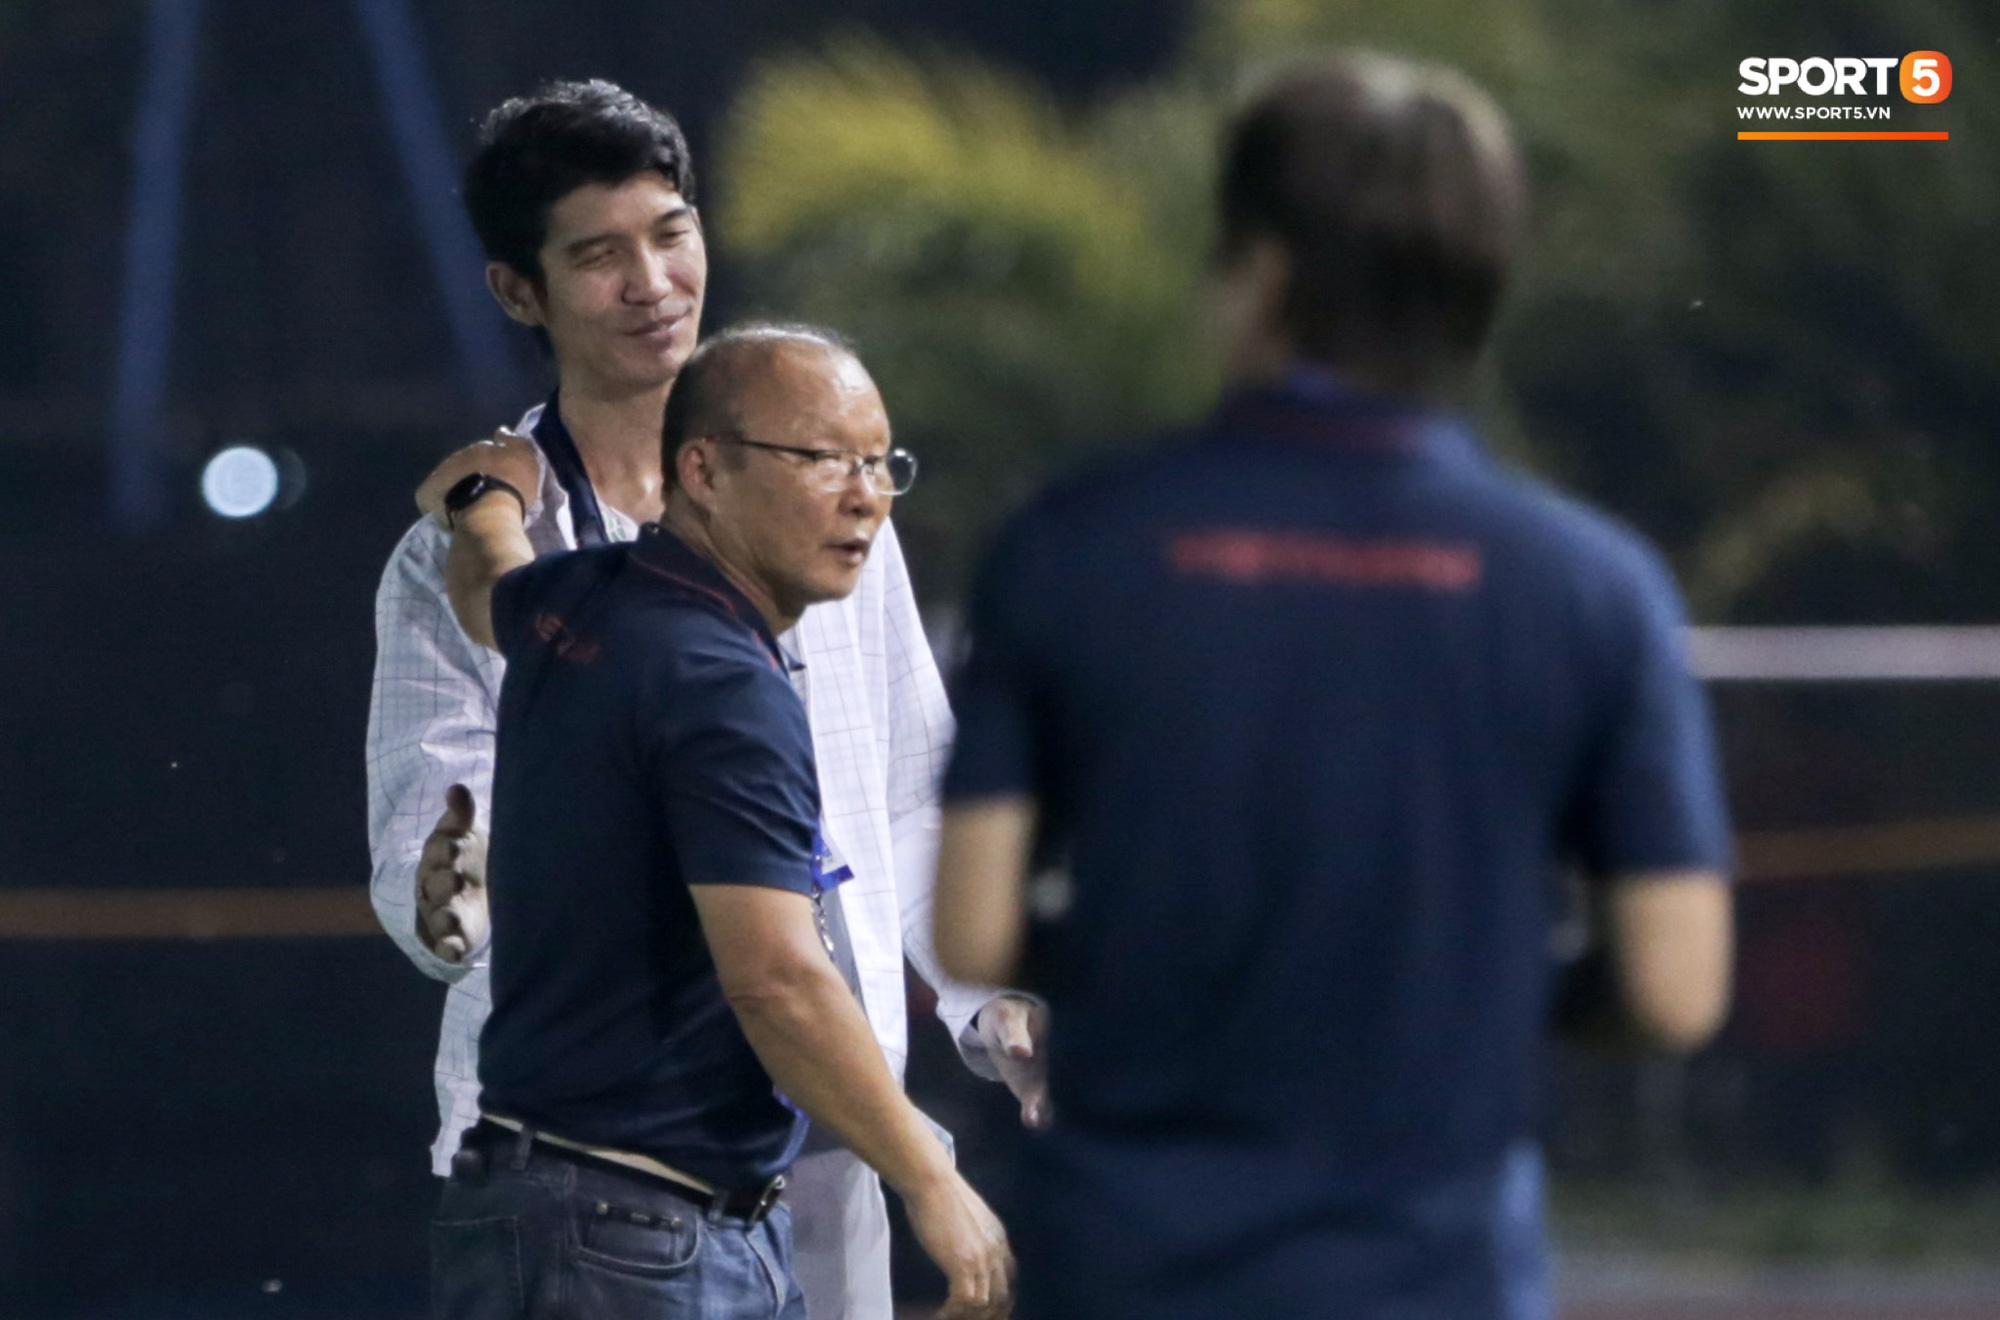 HLV U22 Thái Lan chủ động sang bắt tay thầy Park, hẹn phân thắng bại ở trận tiếp theo sau 3 lần toàn hoà - Ảnh 3.